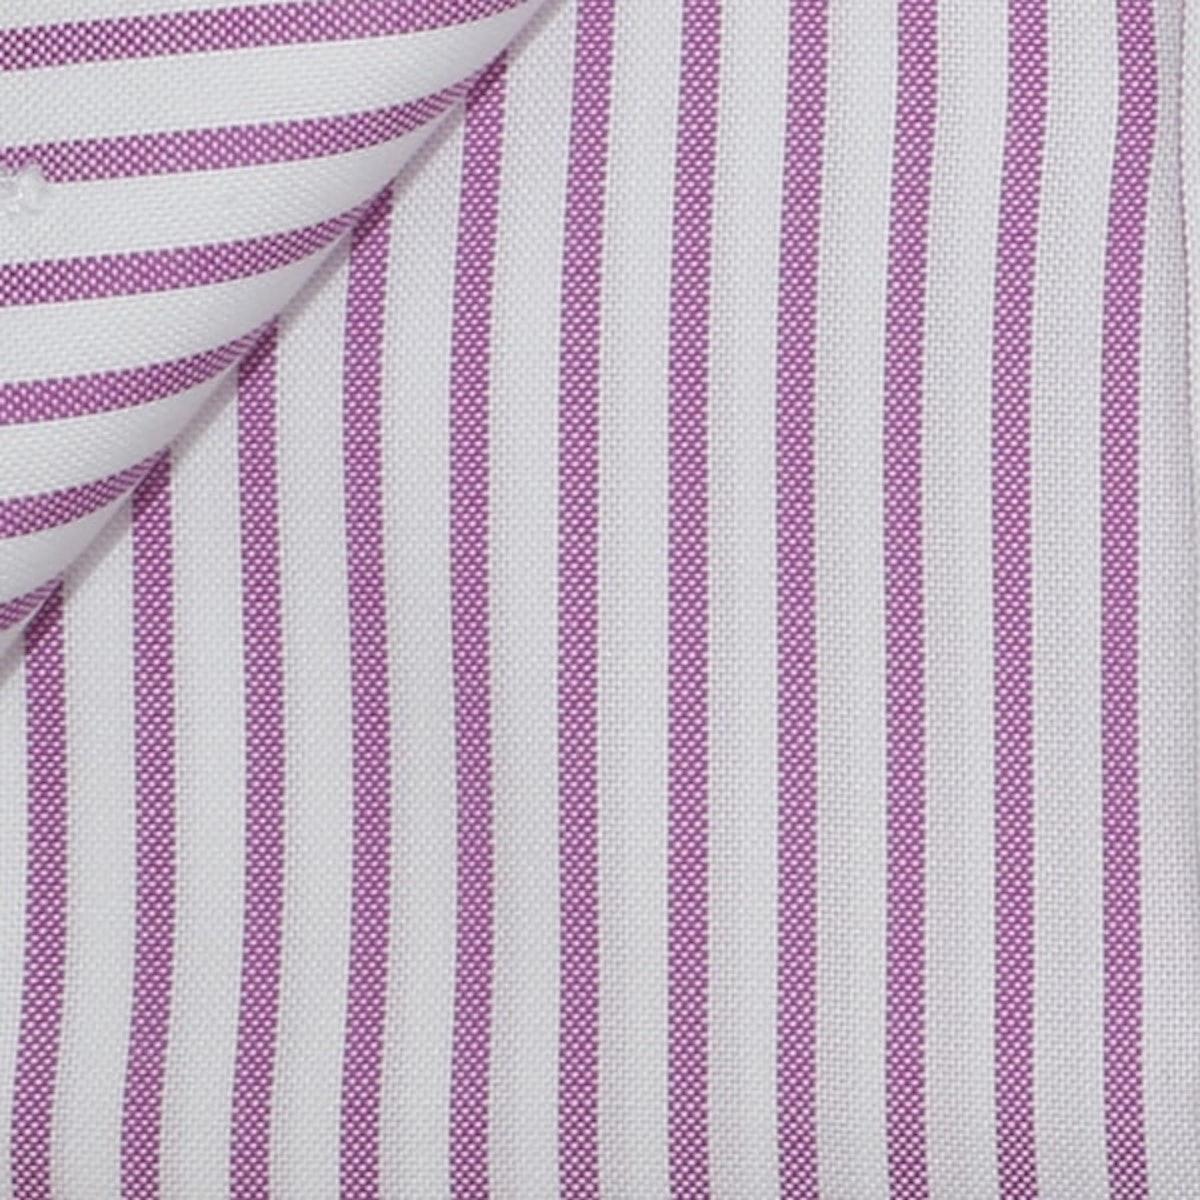 InStitchu Shirt Fabric 3938